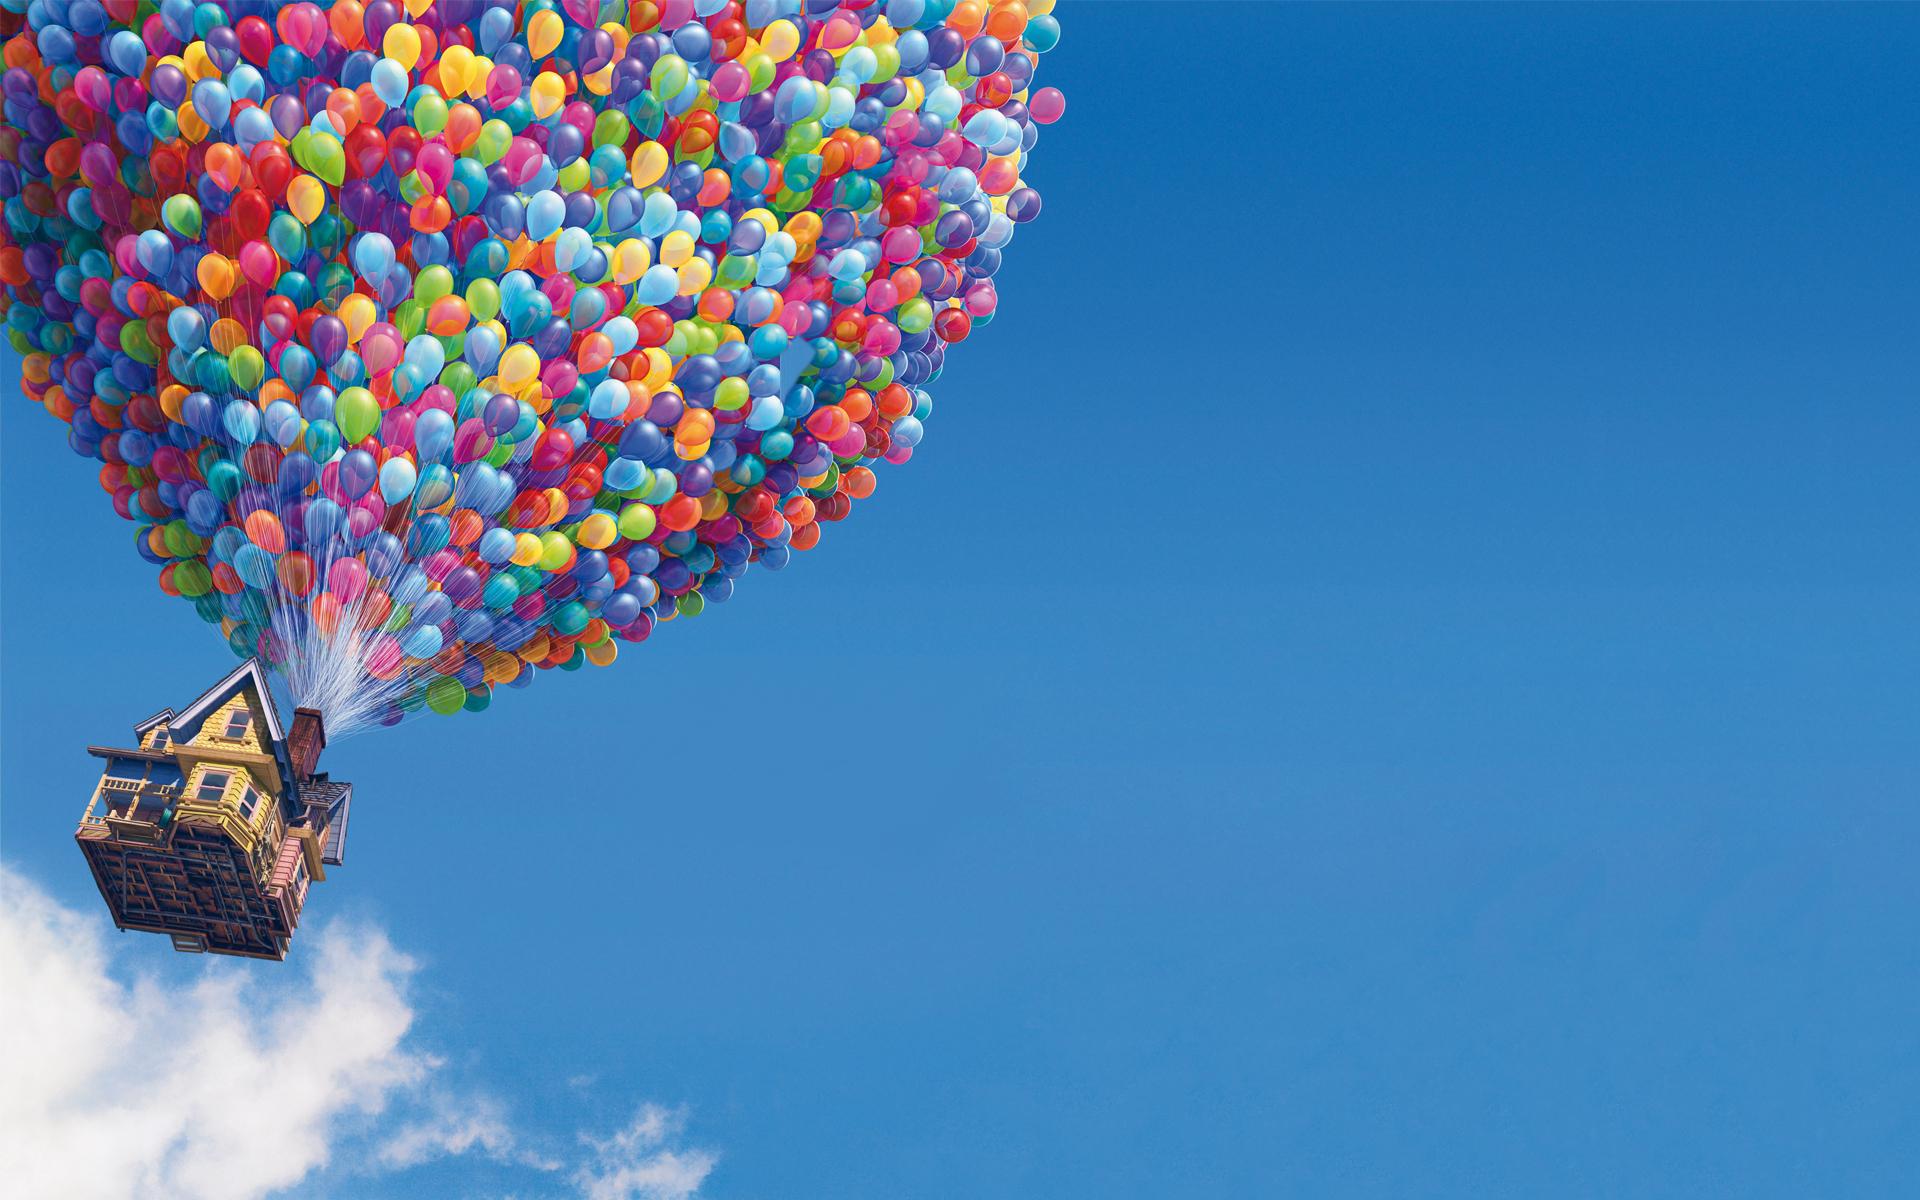 Download Movies Wallpaper Up Pixar Movie Apps Directories 1920x1200